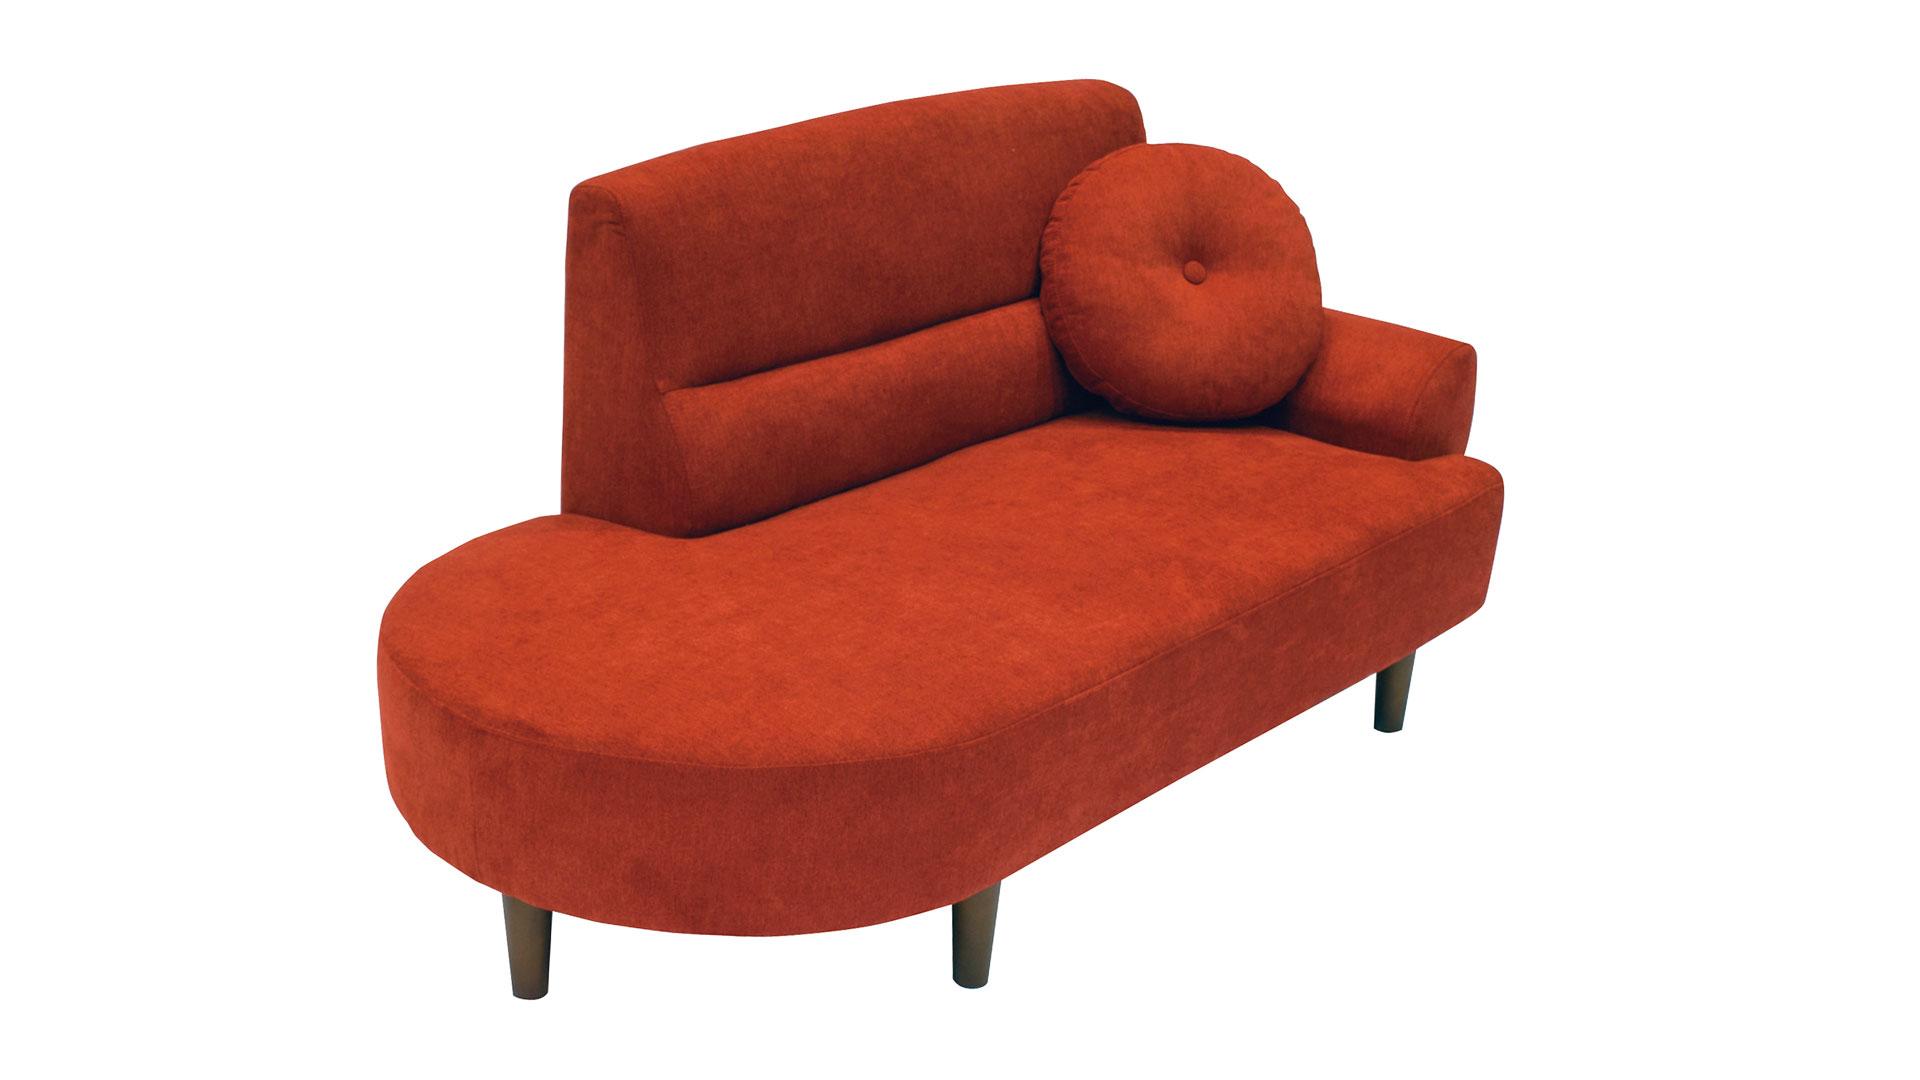 リビンズの2人掛けソファ「マチルダ」の画像